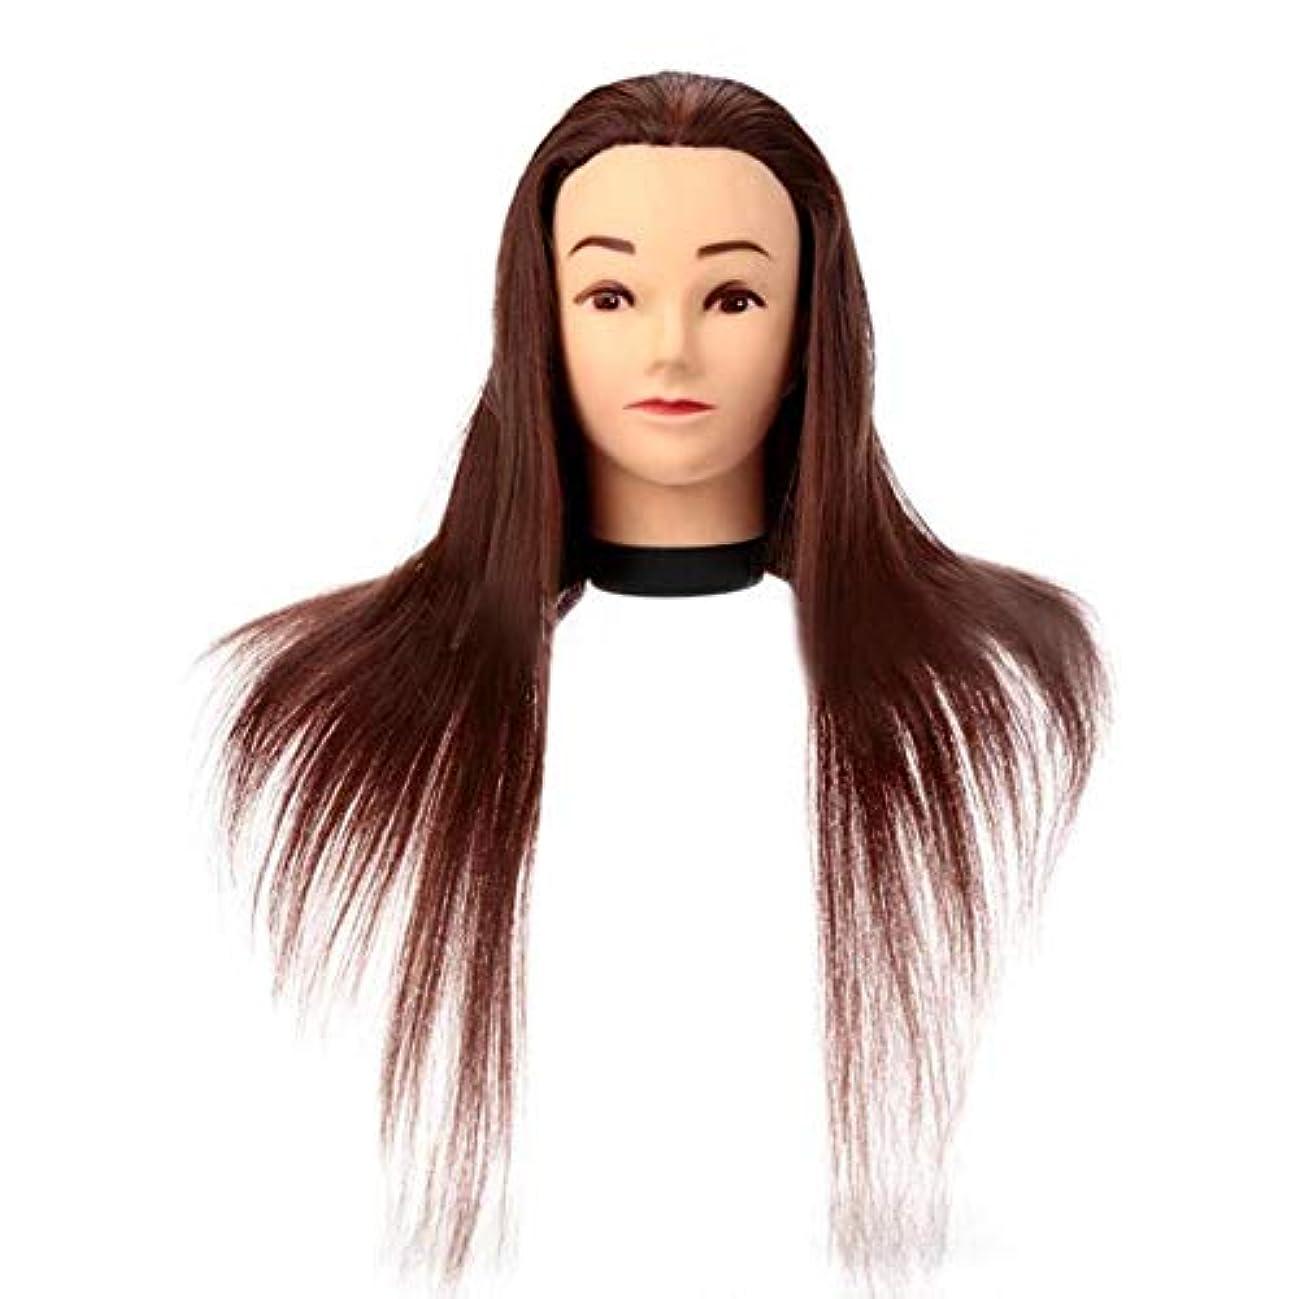 原点スティーブンソン一元化するサロン散髪練習ヘッドモデルメイク学校編組髪開発学習モデルヘッドヘアストレートロングかつら